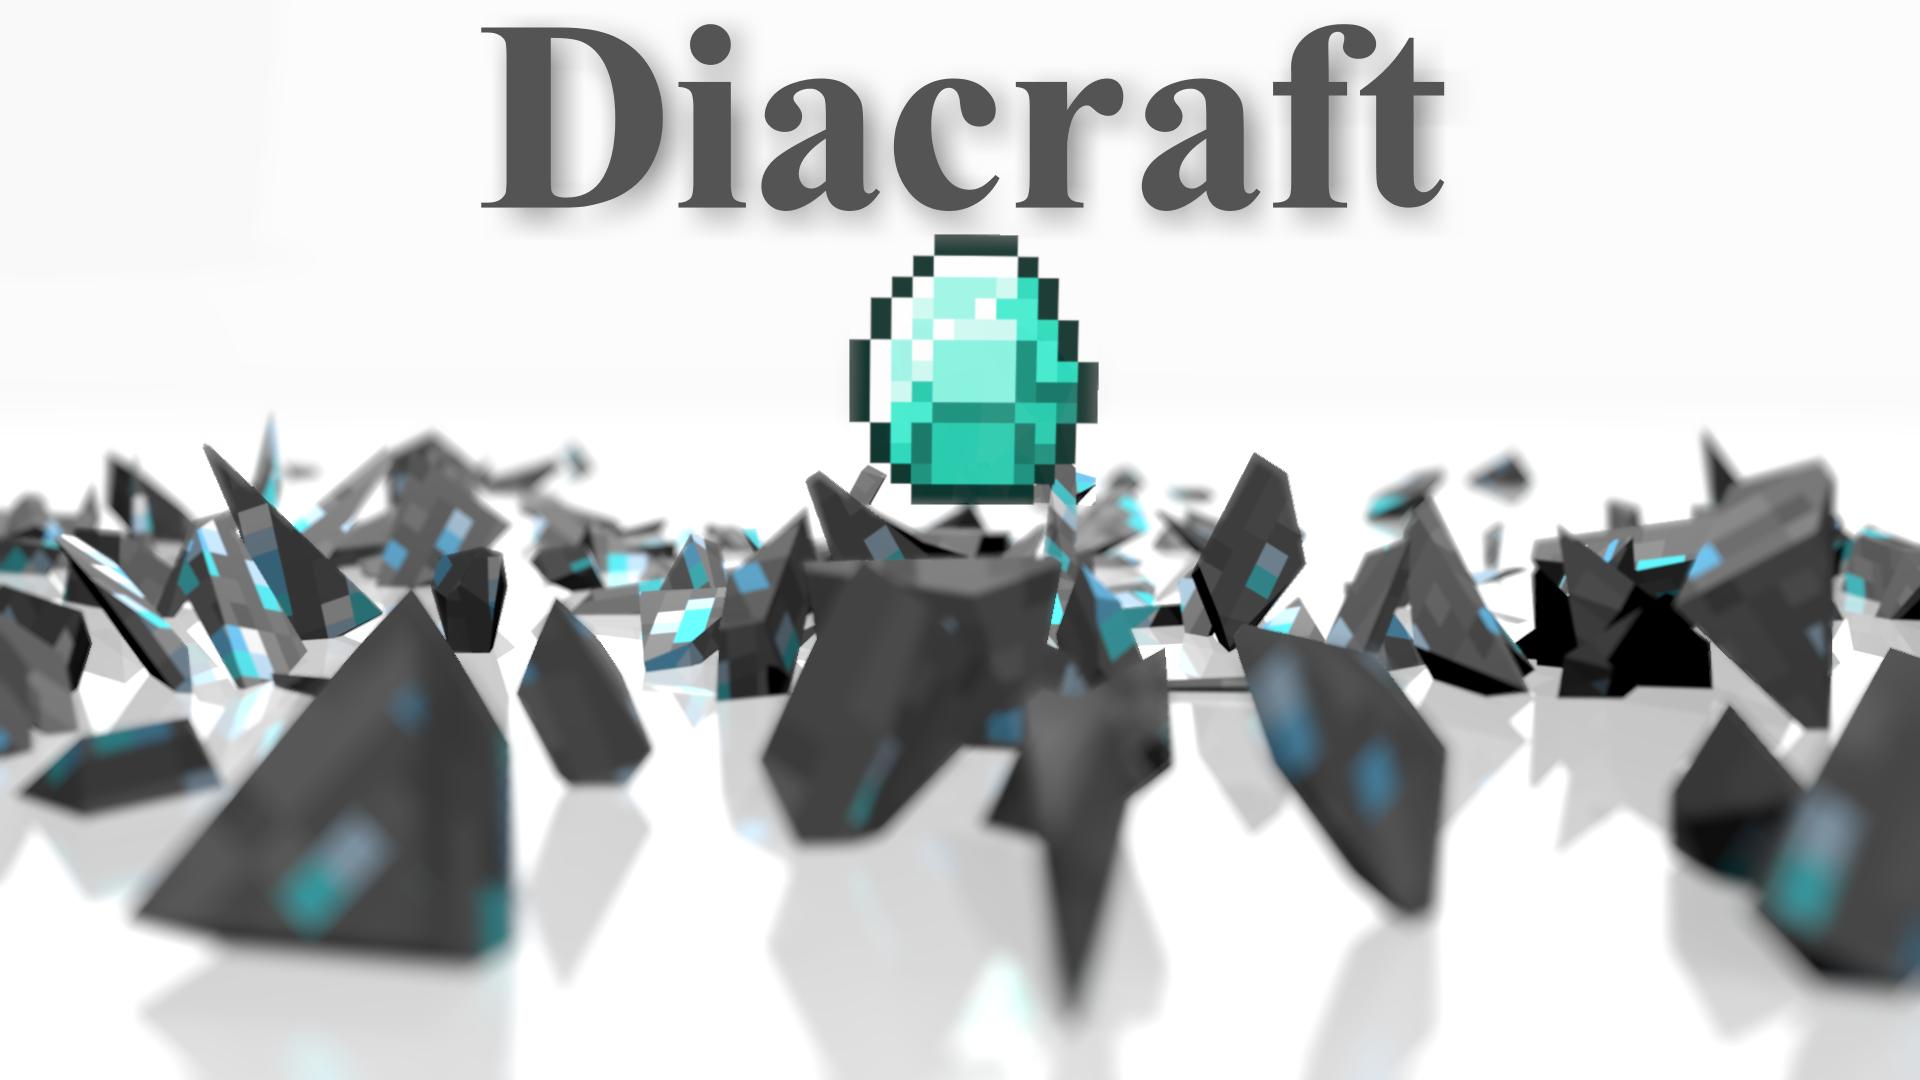 http://abload.de/img/diacraftq4jgc.png